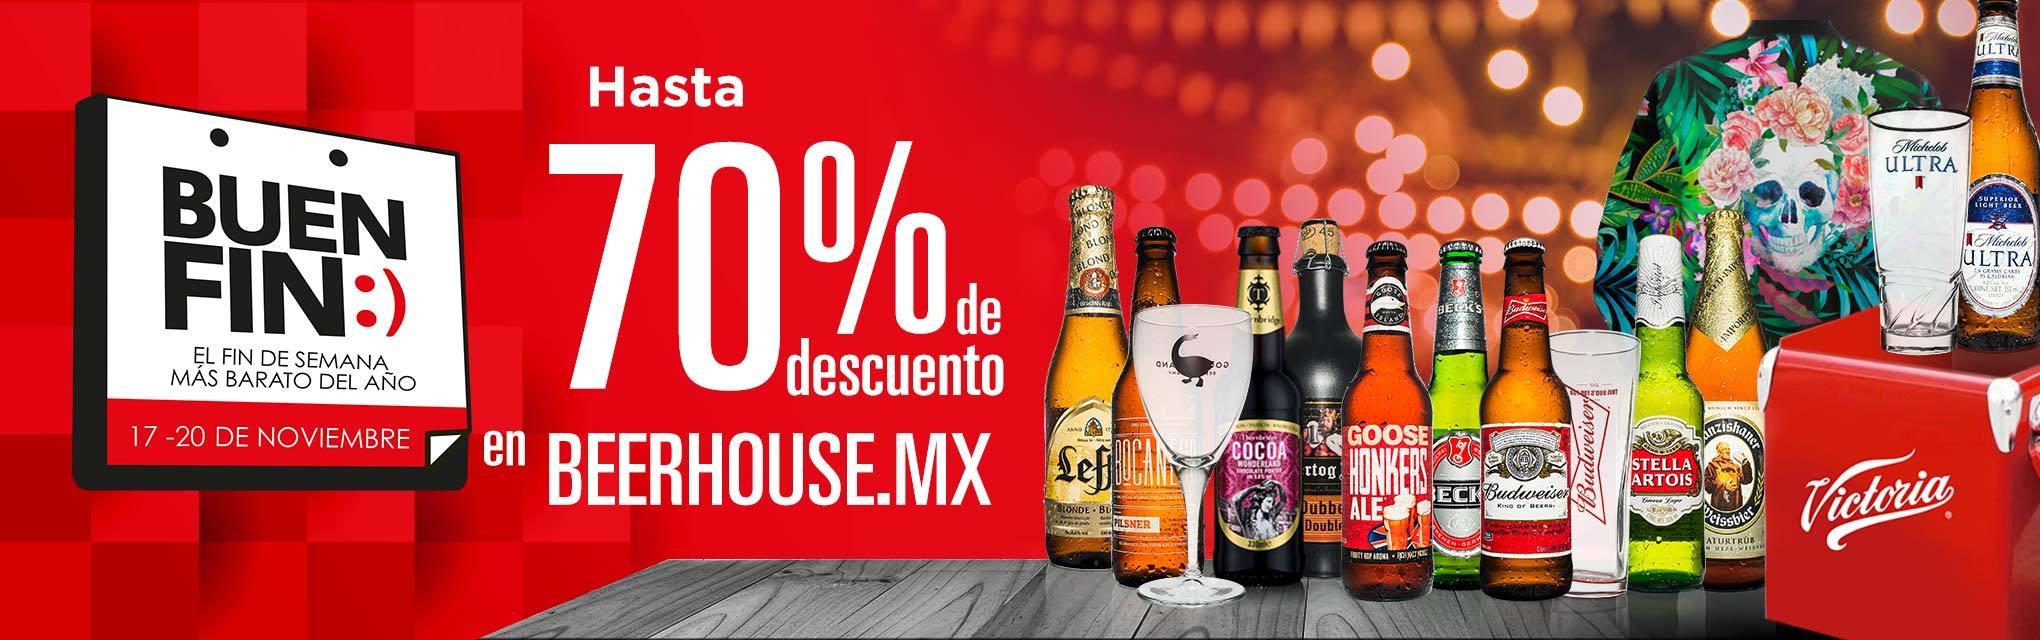 Beerhouse: Cervezas, Cristaleria, Beerpacks y algunos otros productos con hasta el 70% de descuento